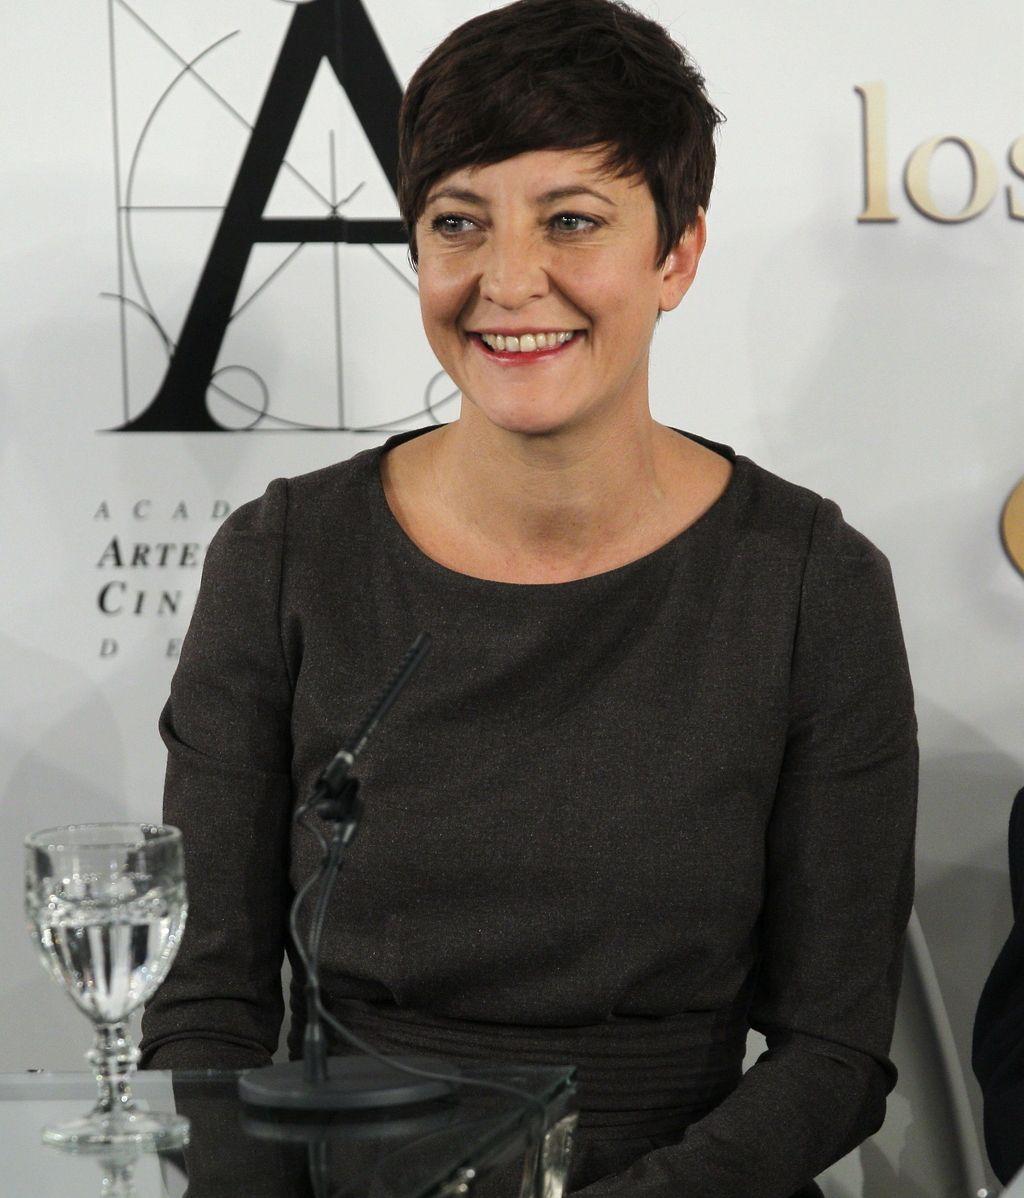 Eva Hache presentará los Goya 2013